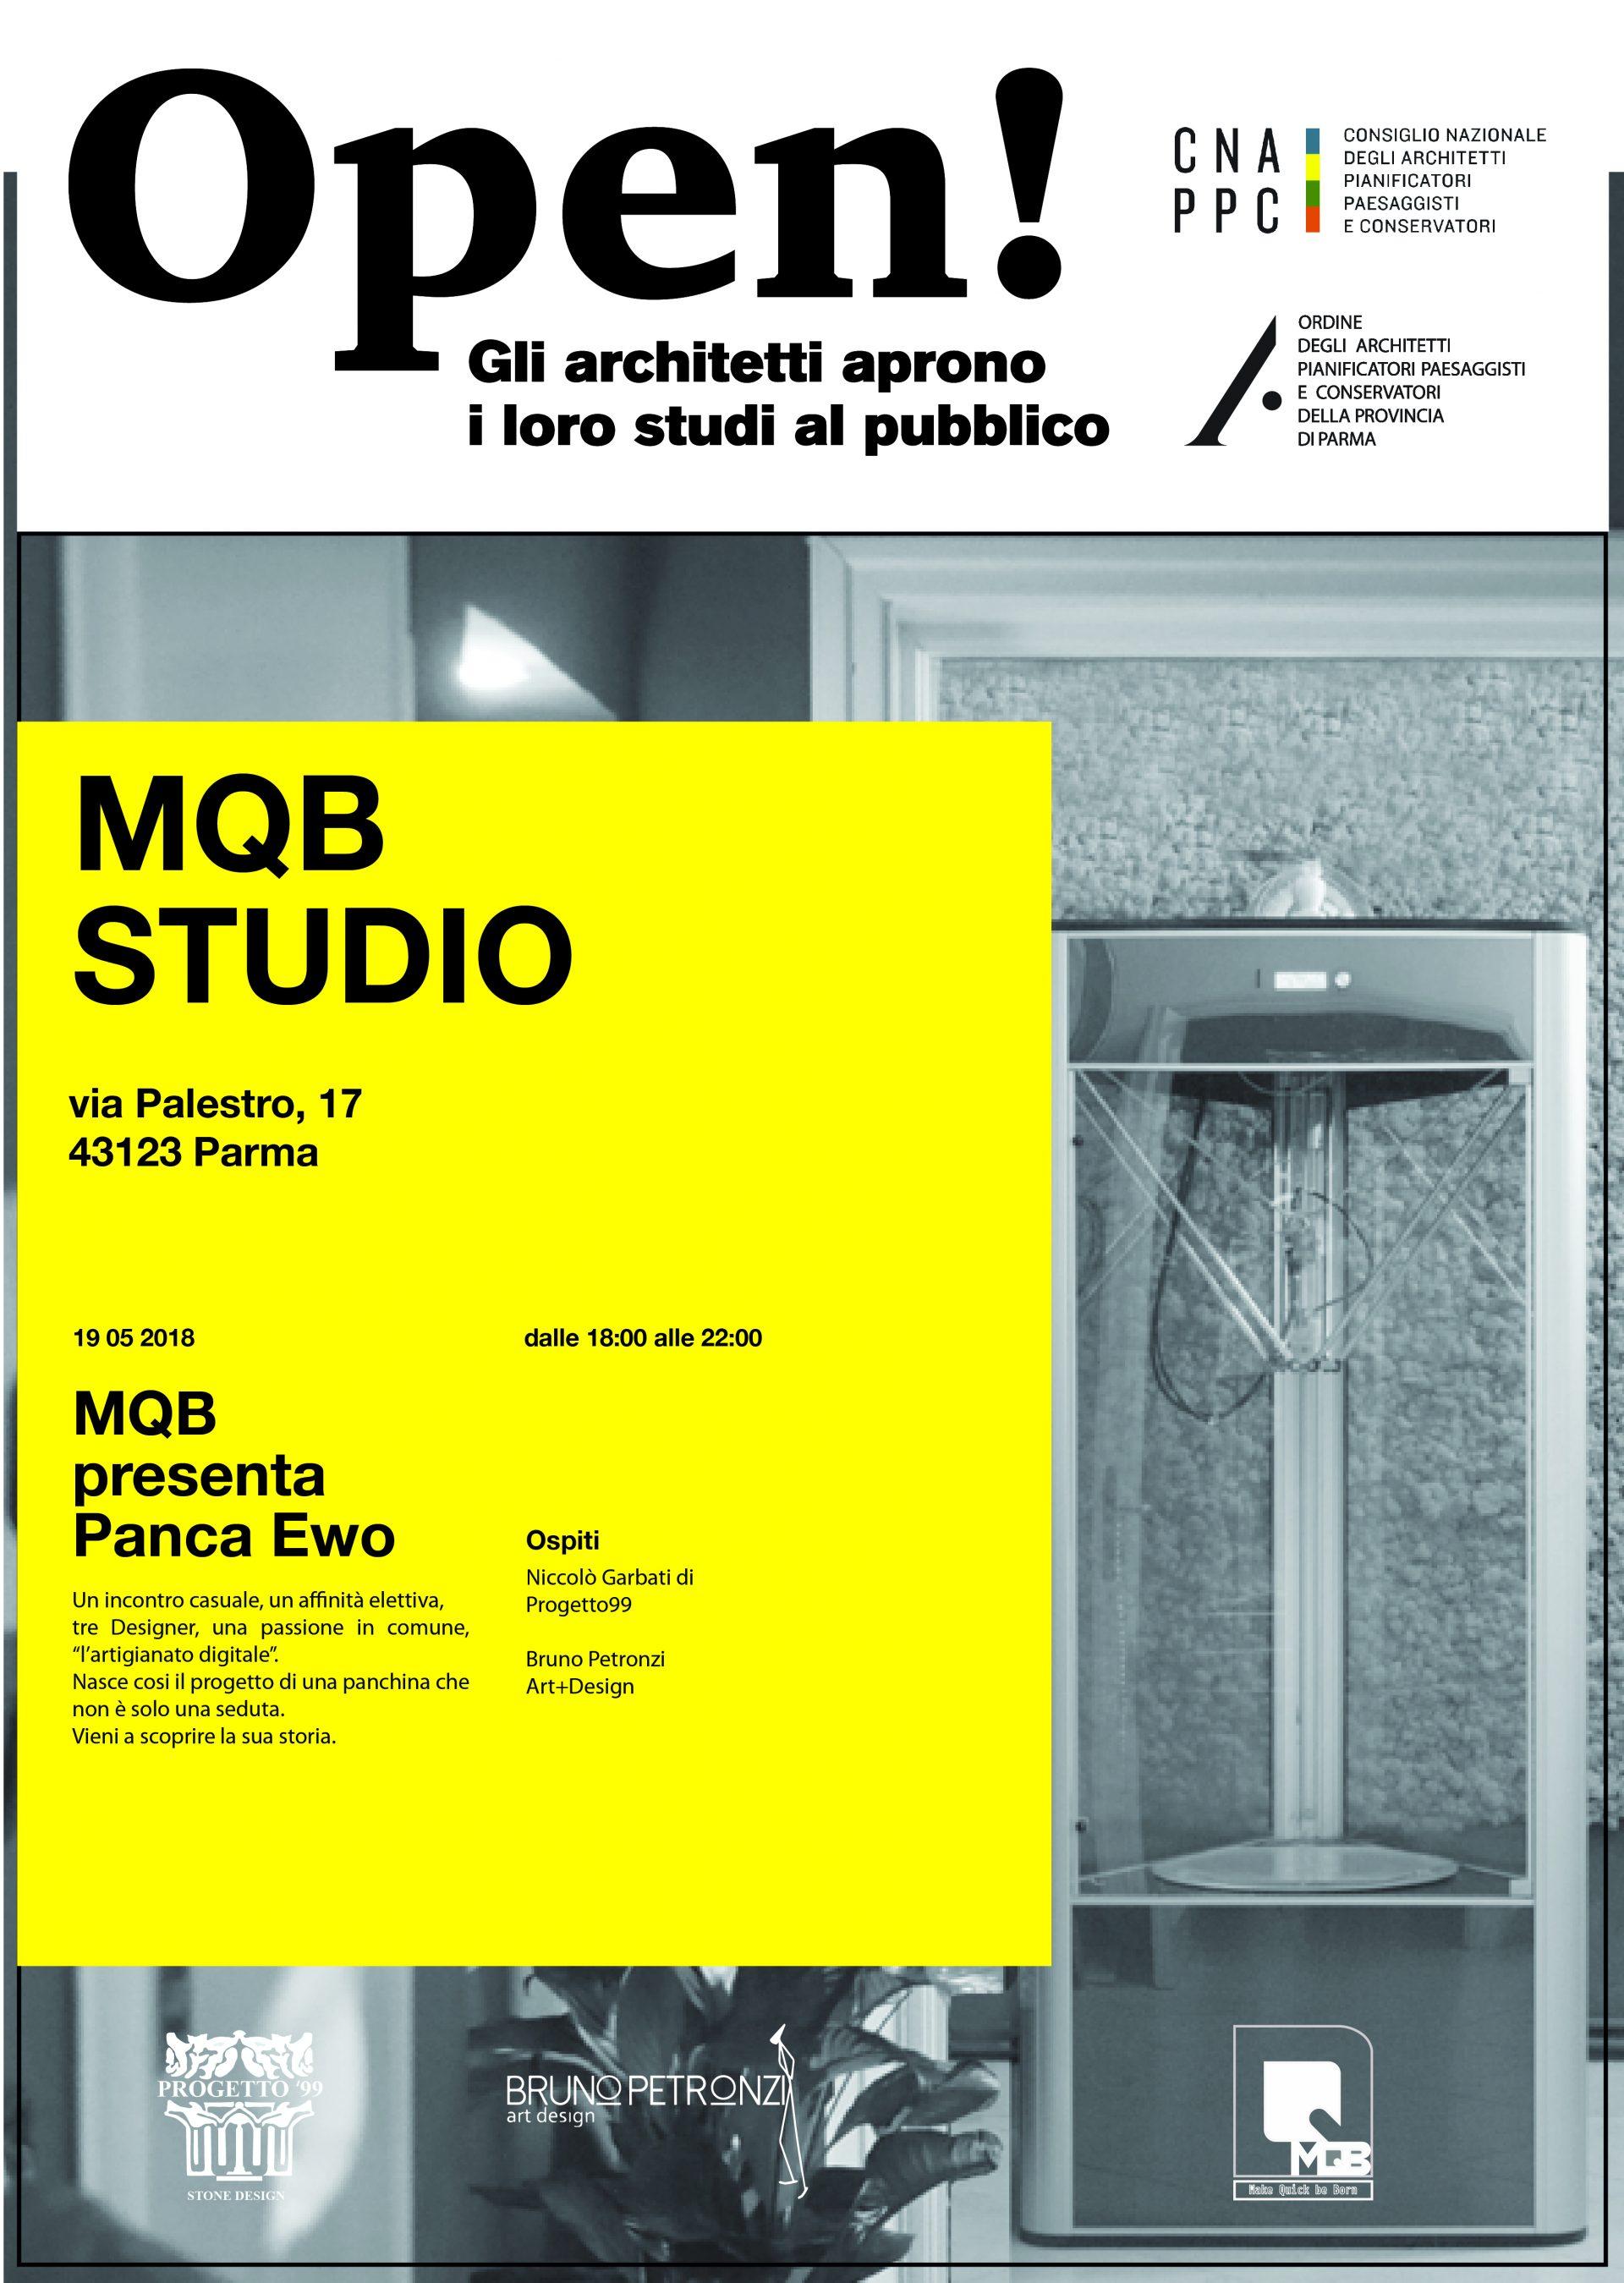 interno studio ospitato all'interno dell'azienda MQB srl, sullo sfondo una stampante 3D